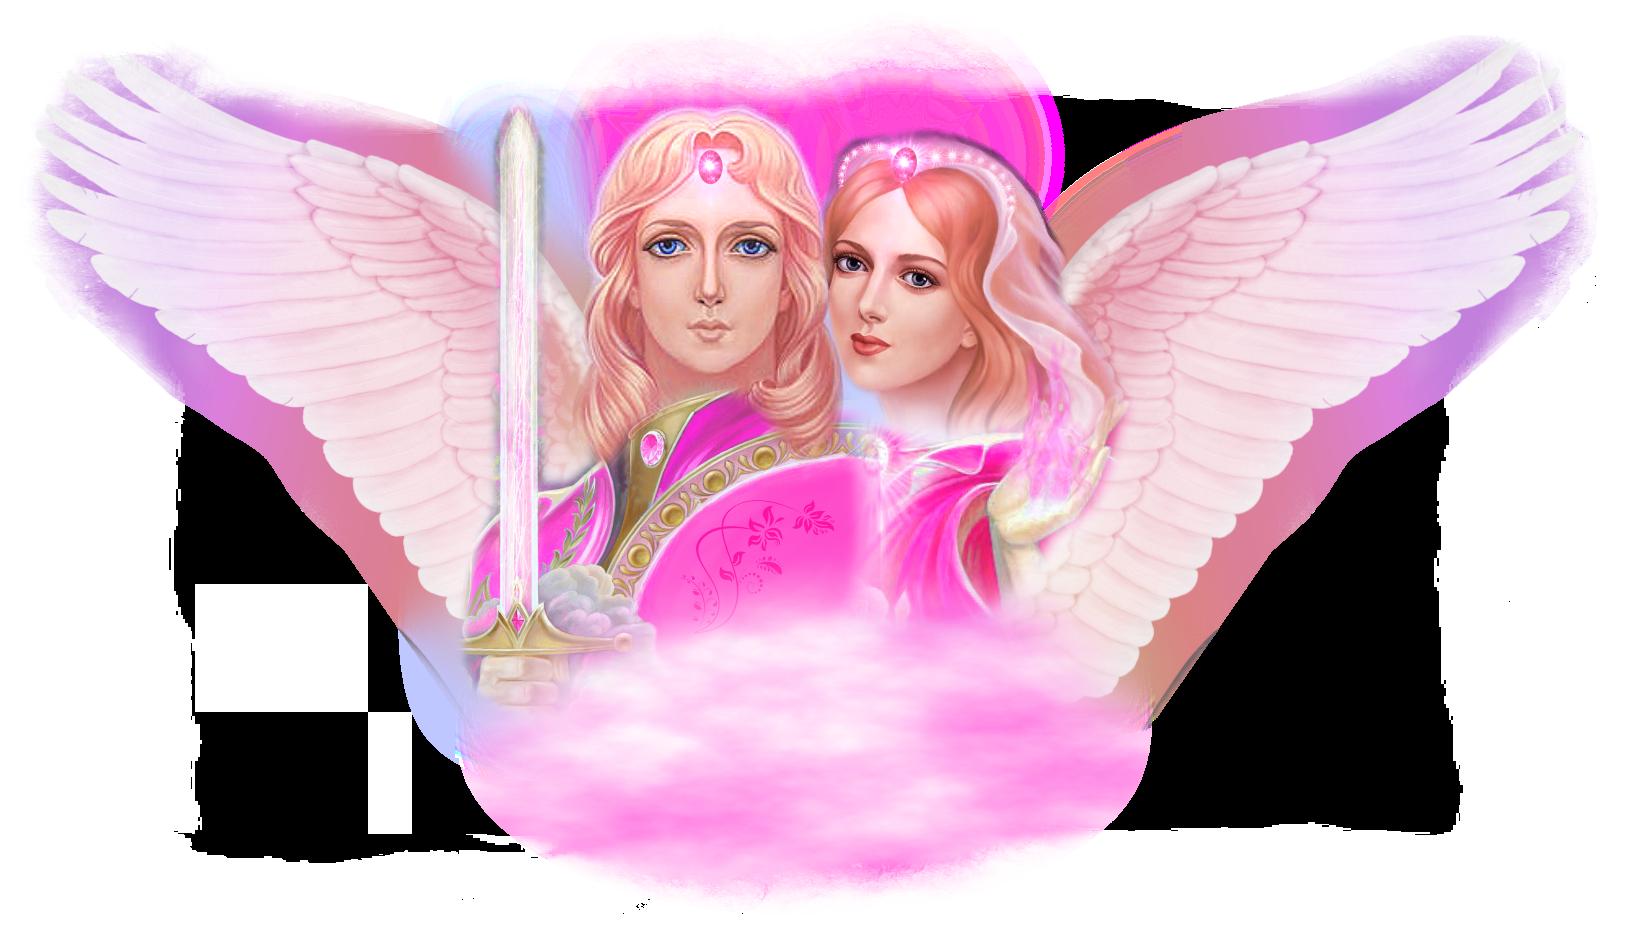 наилини синх поцелуи архангела